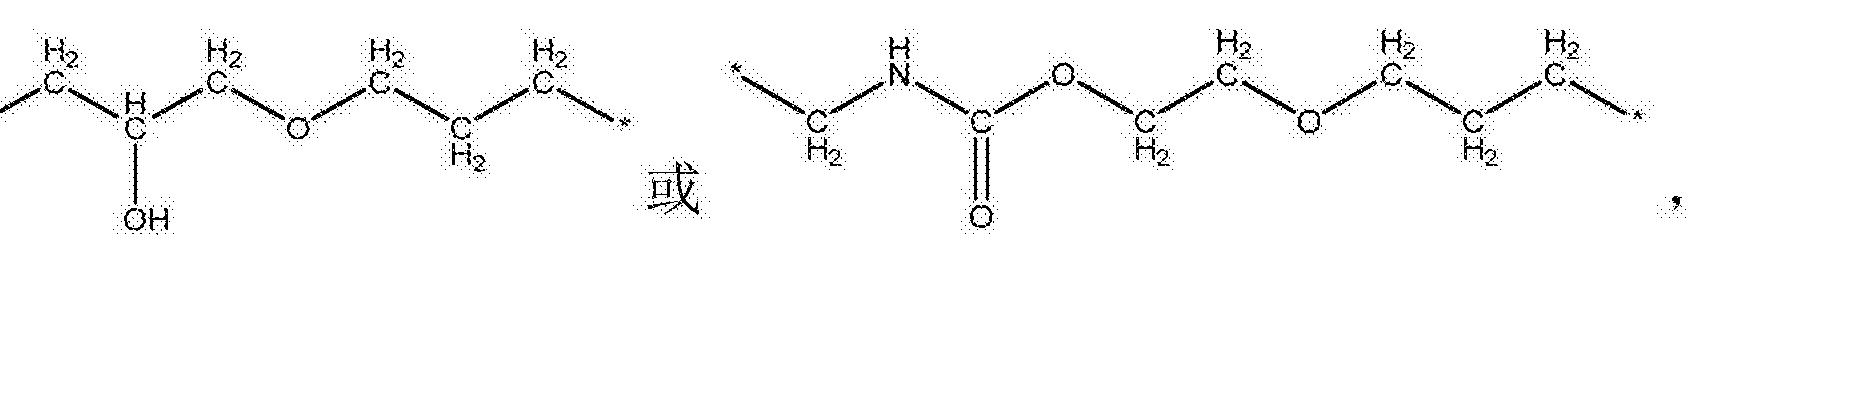 Figure CN106810640AC00024